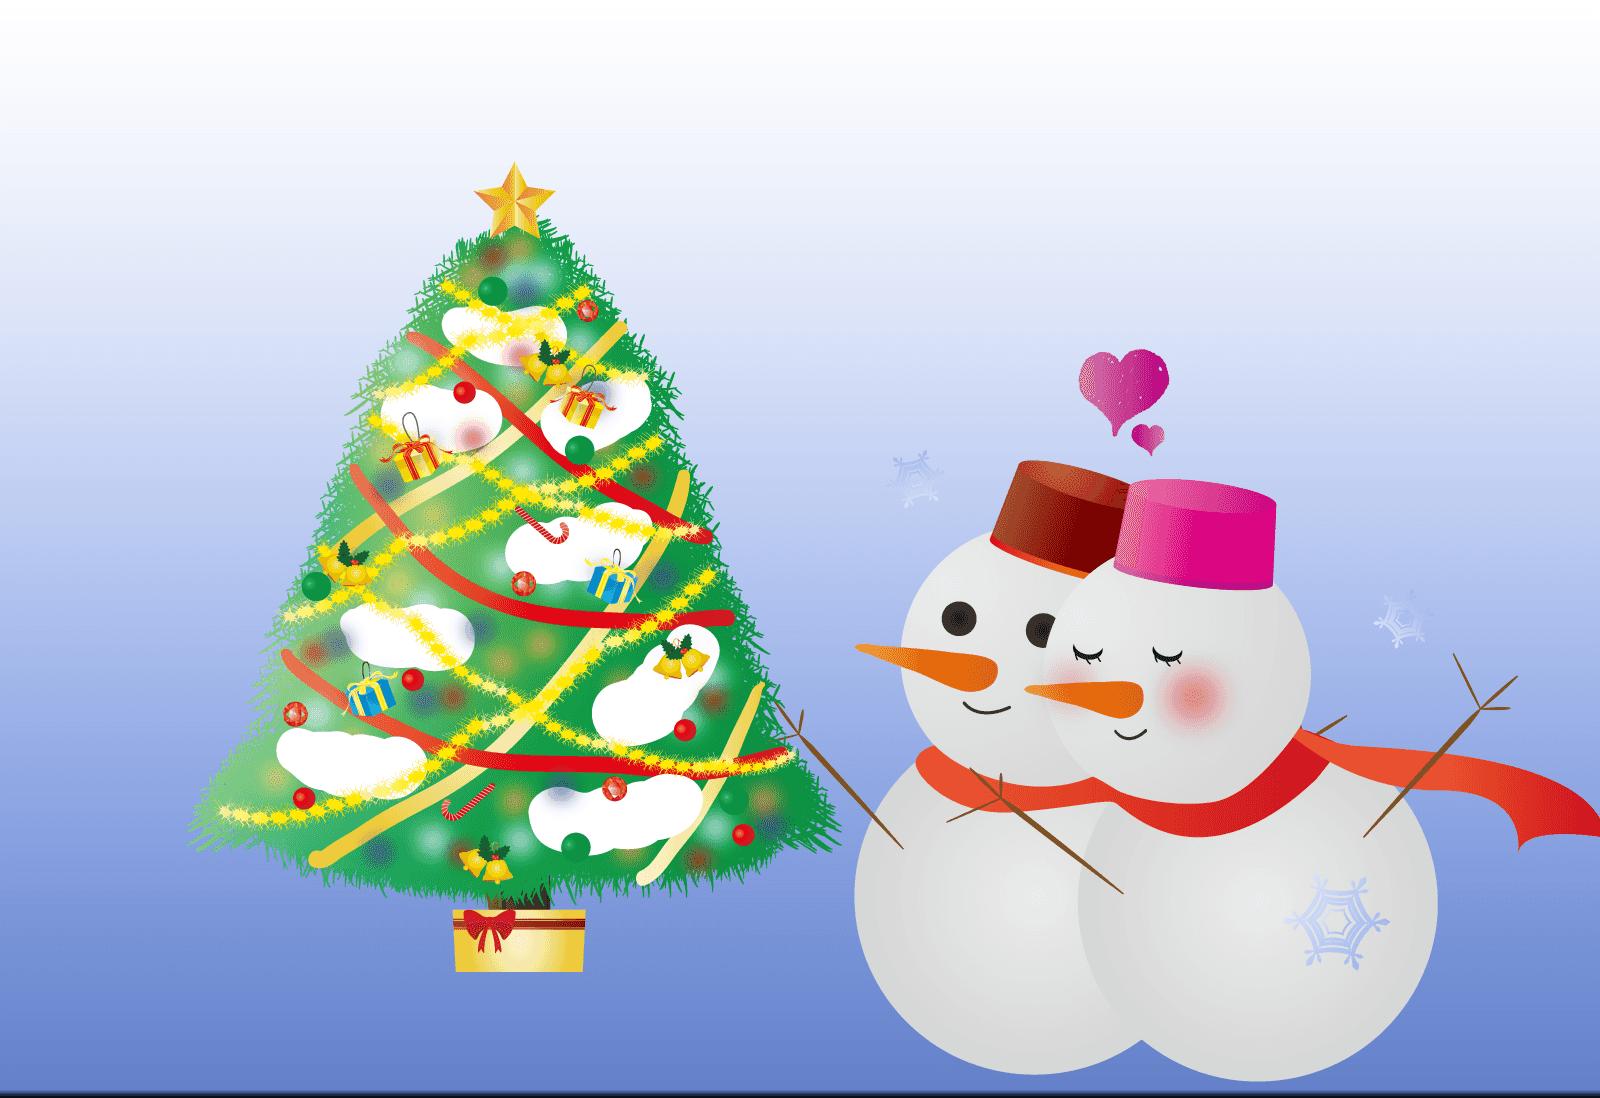 クリスマスのラブラブカップルの雪だるまイラスト